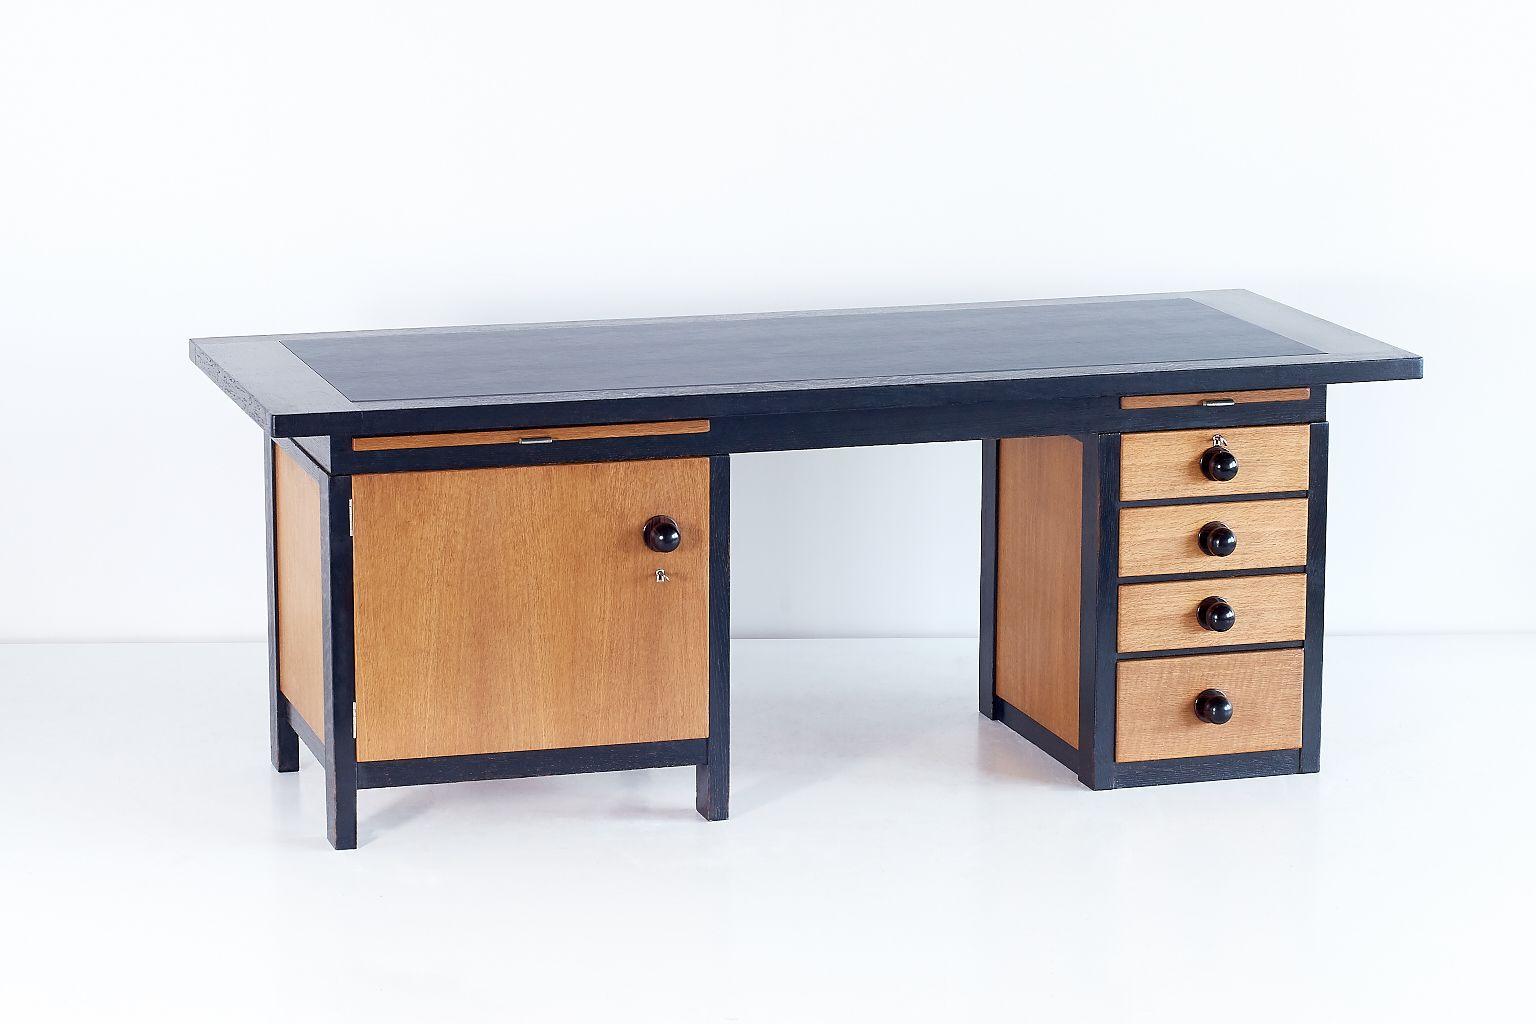 architekten schreibtisch von frits spanjaard 1932 bei. Black Bedroom Furniture Sets. Home Design Ideas